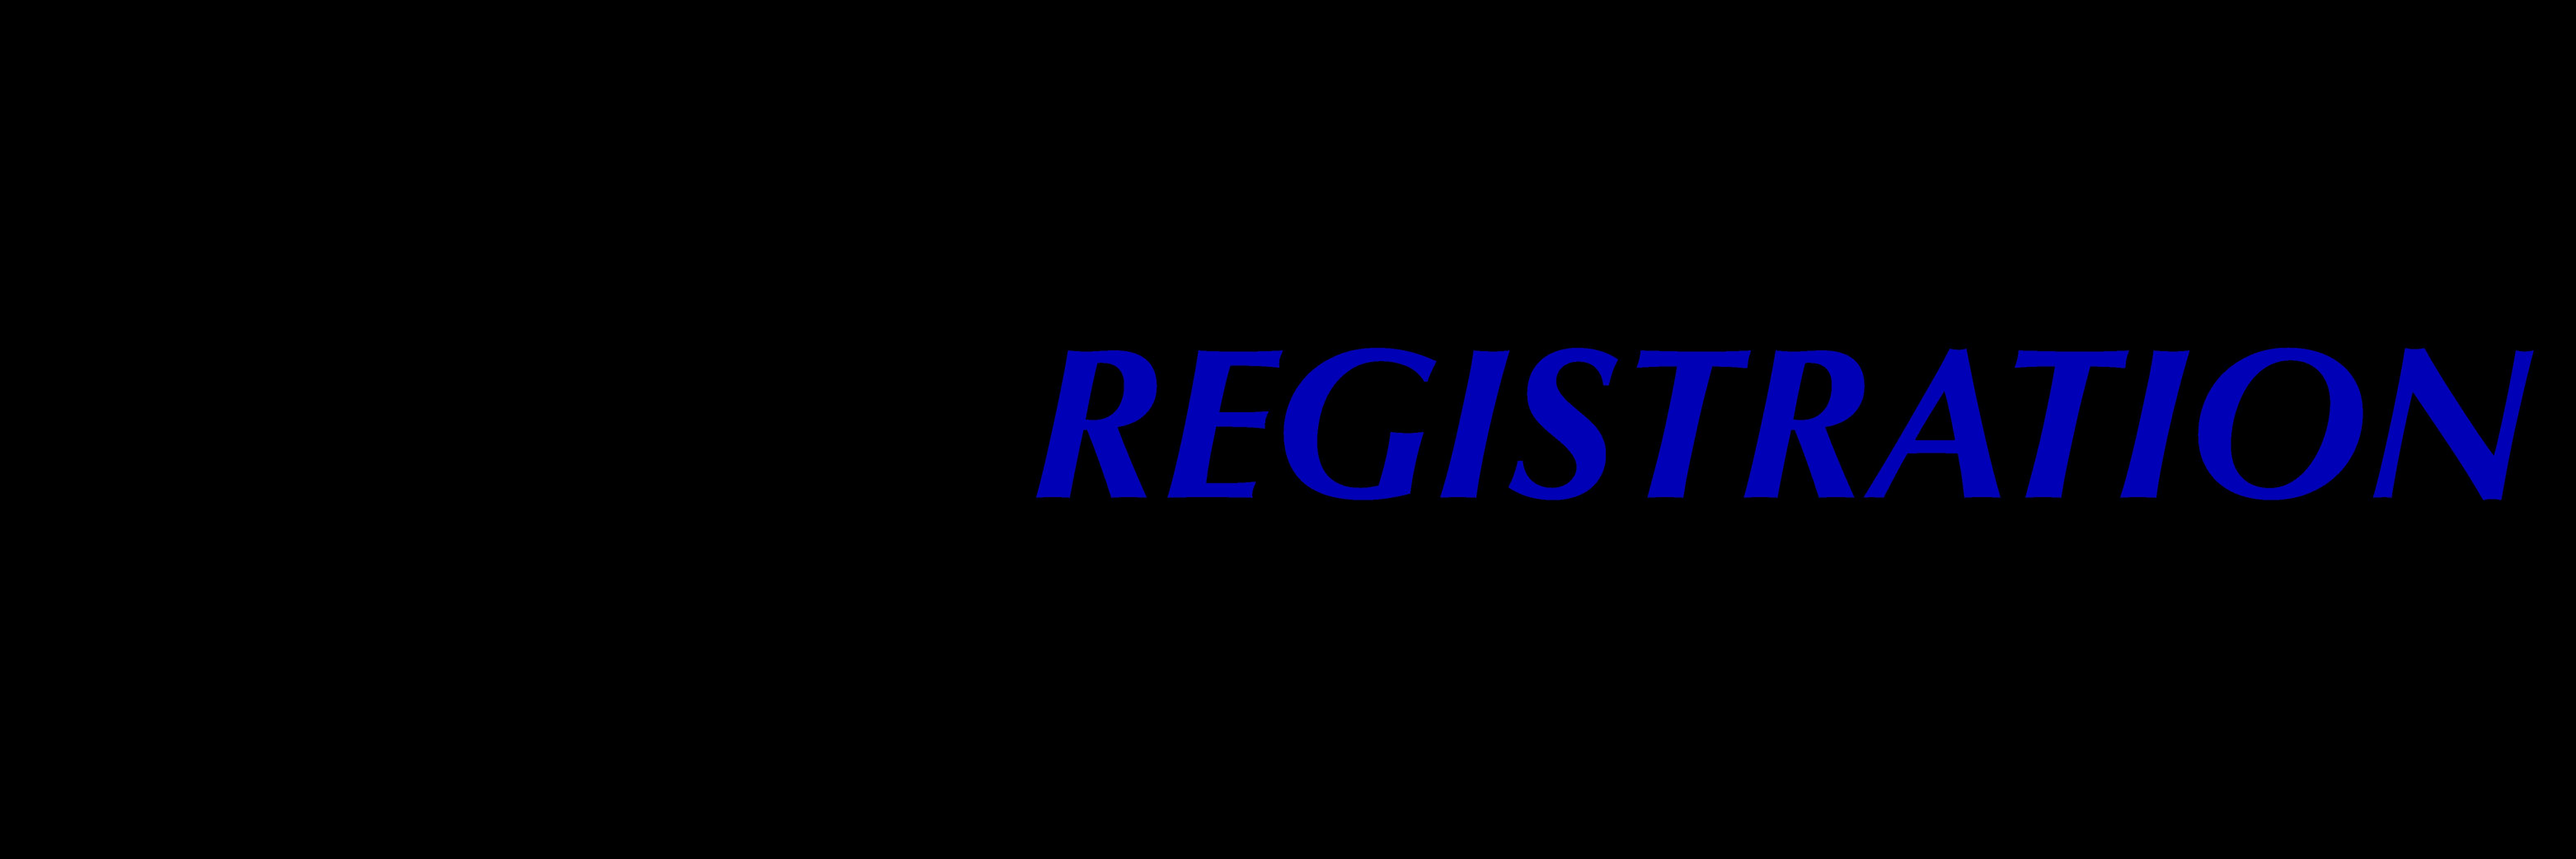 petición de registro a lo store BLUSQUARE